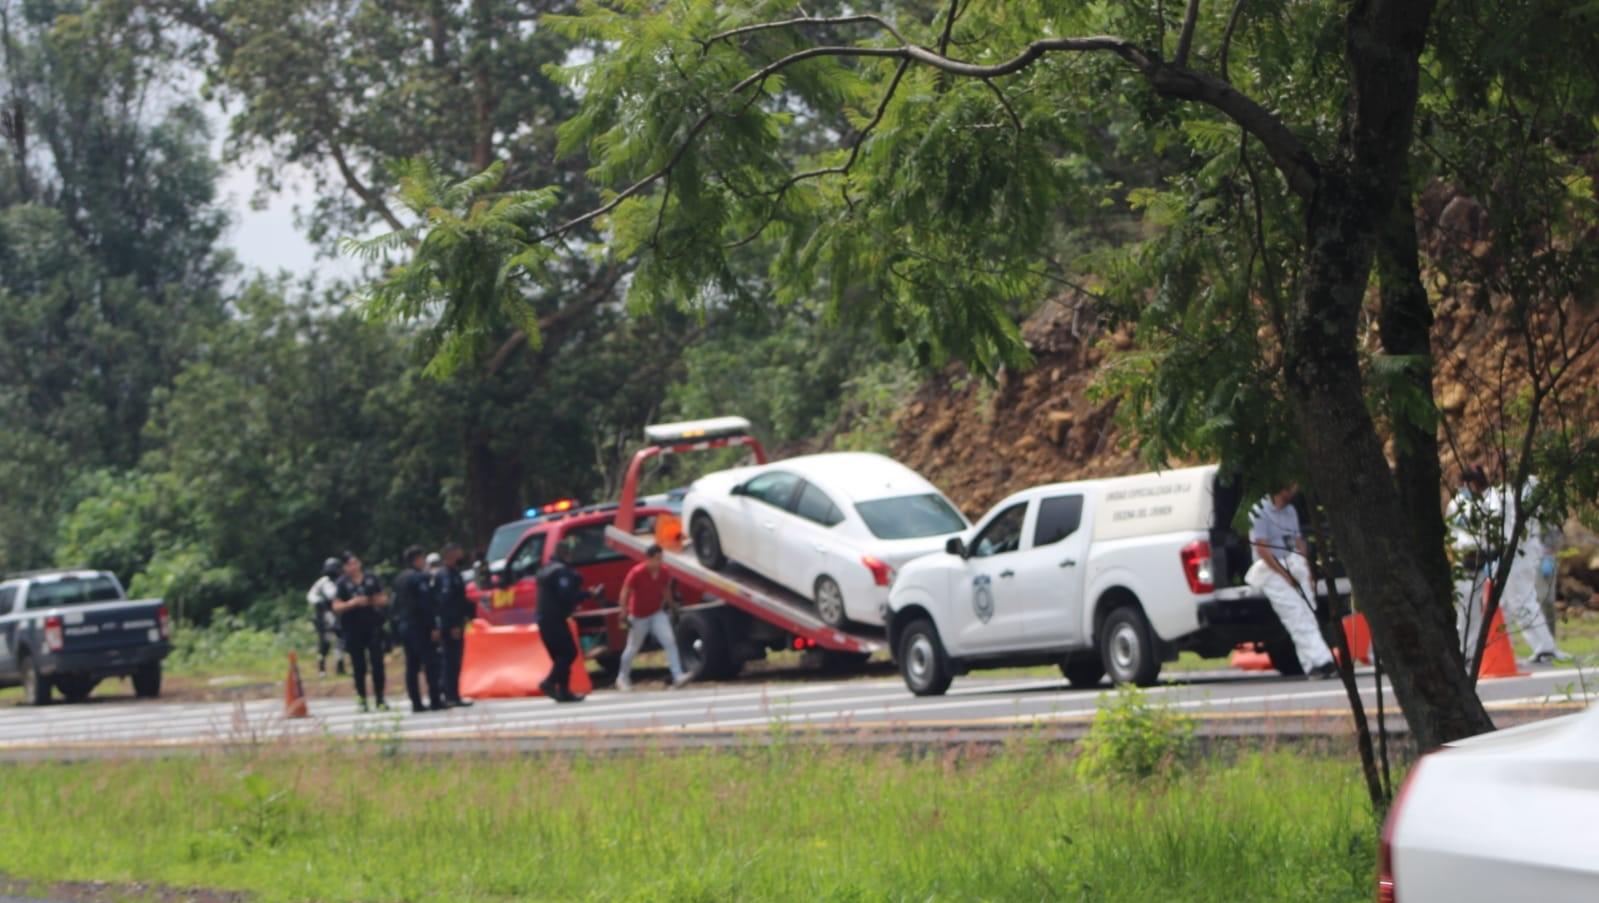 Hallan dos cadáveres en la cajuela de un automóvil en autopista La Pera - Cuautla